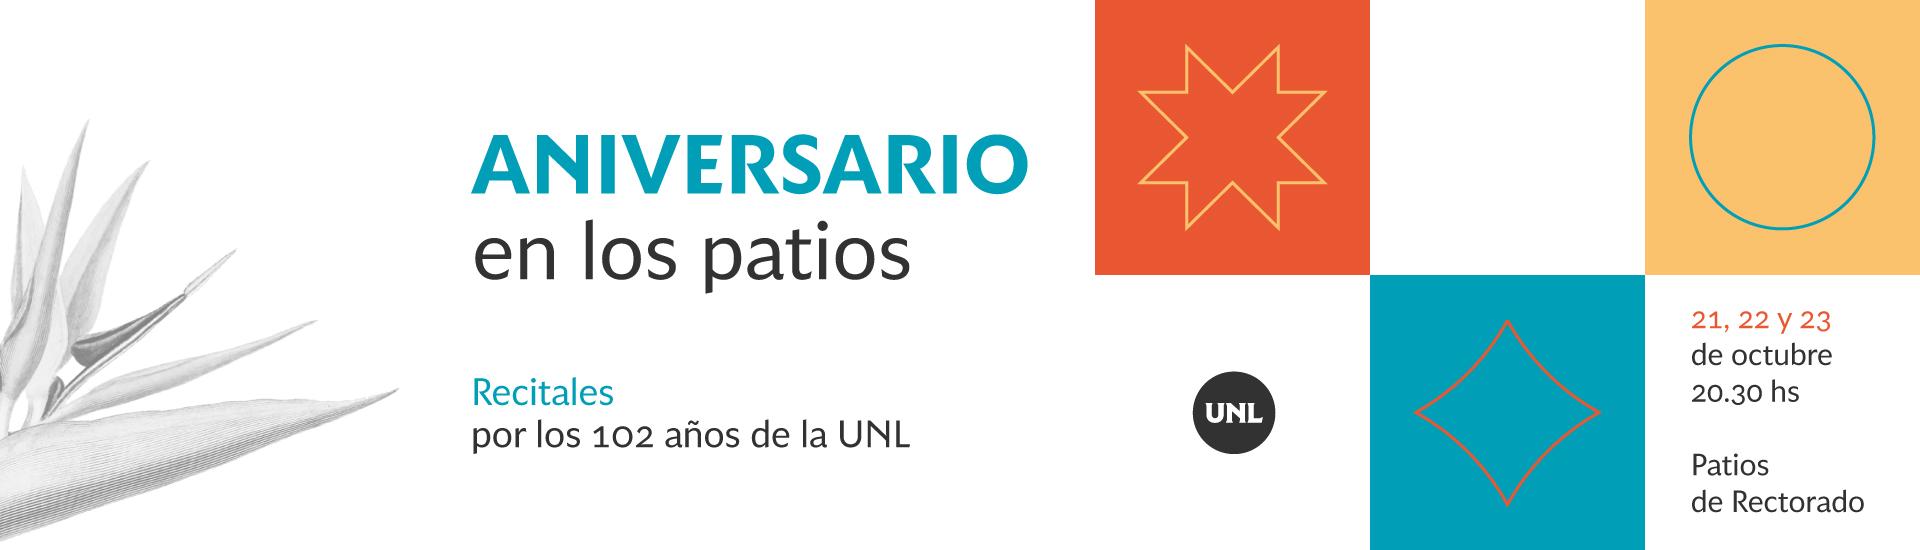 Aniversario_en_los_patios_S-1